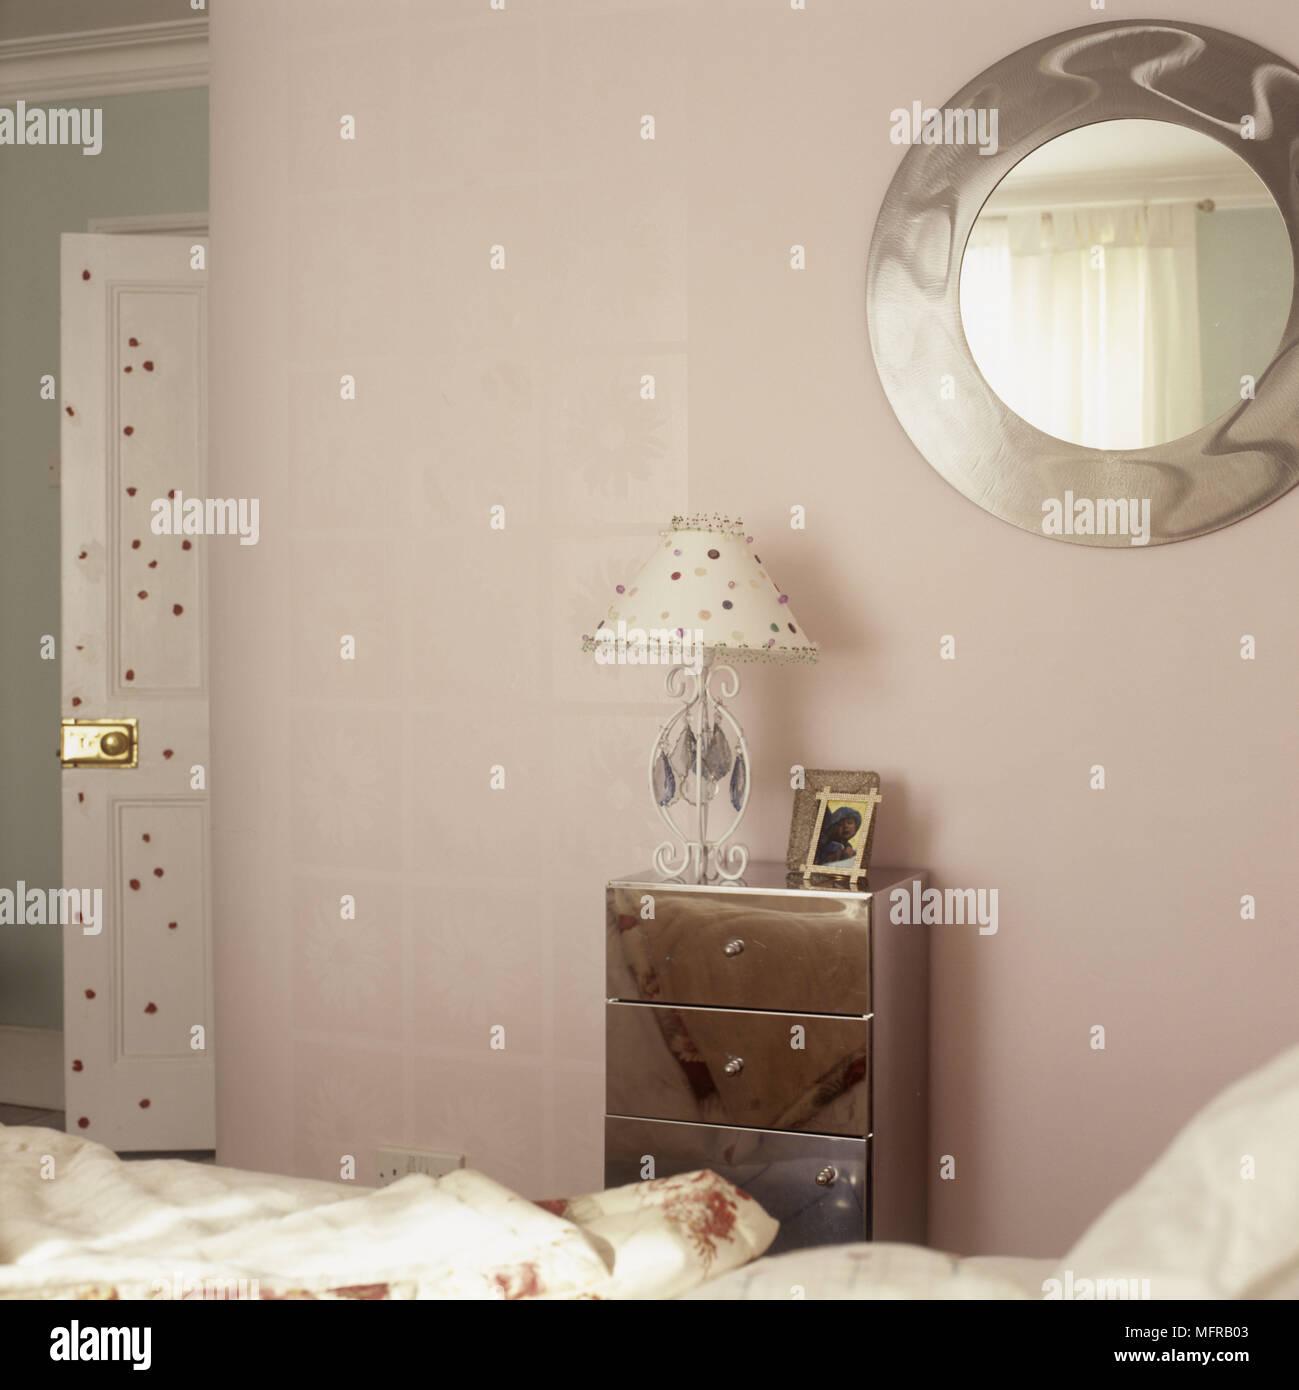 Pastellfarbenen Schlafzimmer Mit Einem Runden Spiegel Und Eine